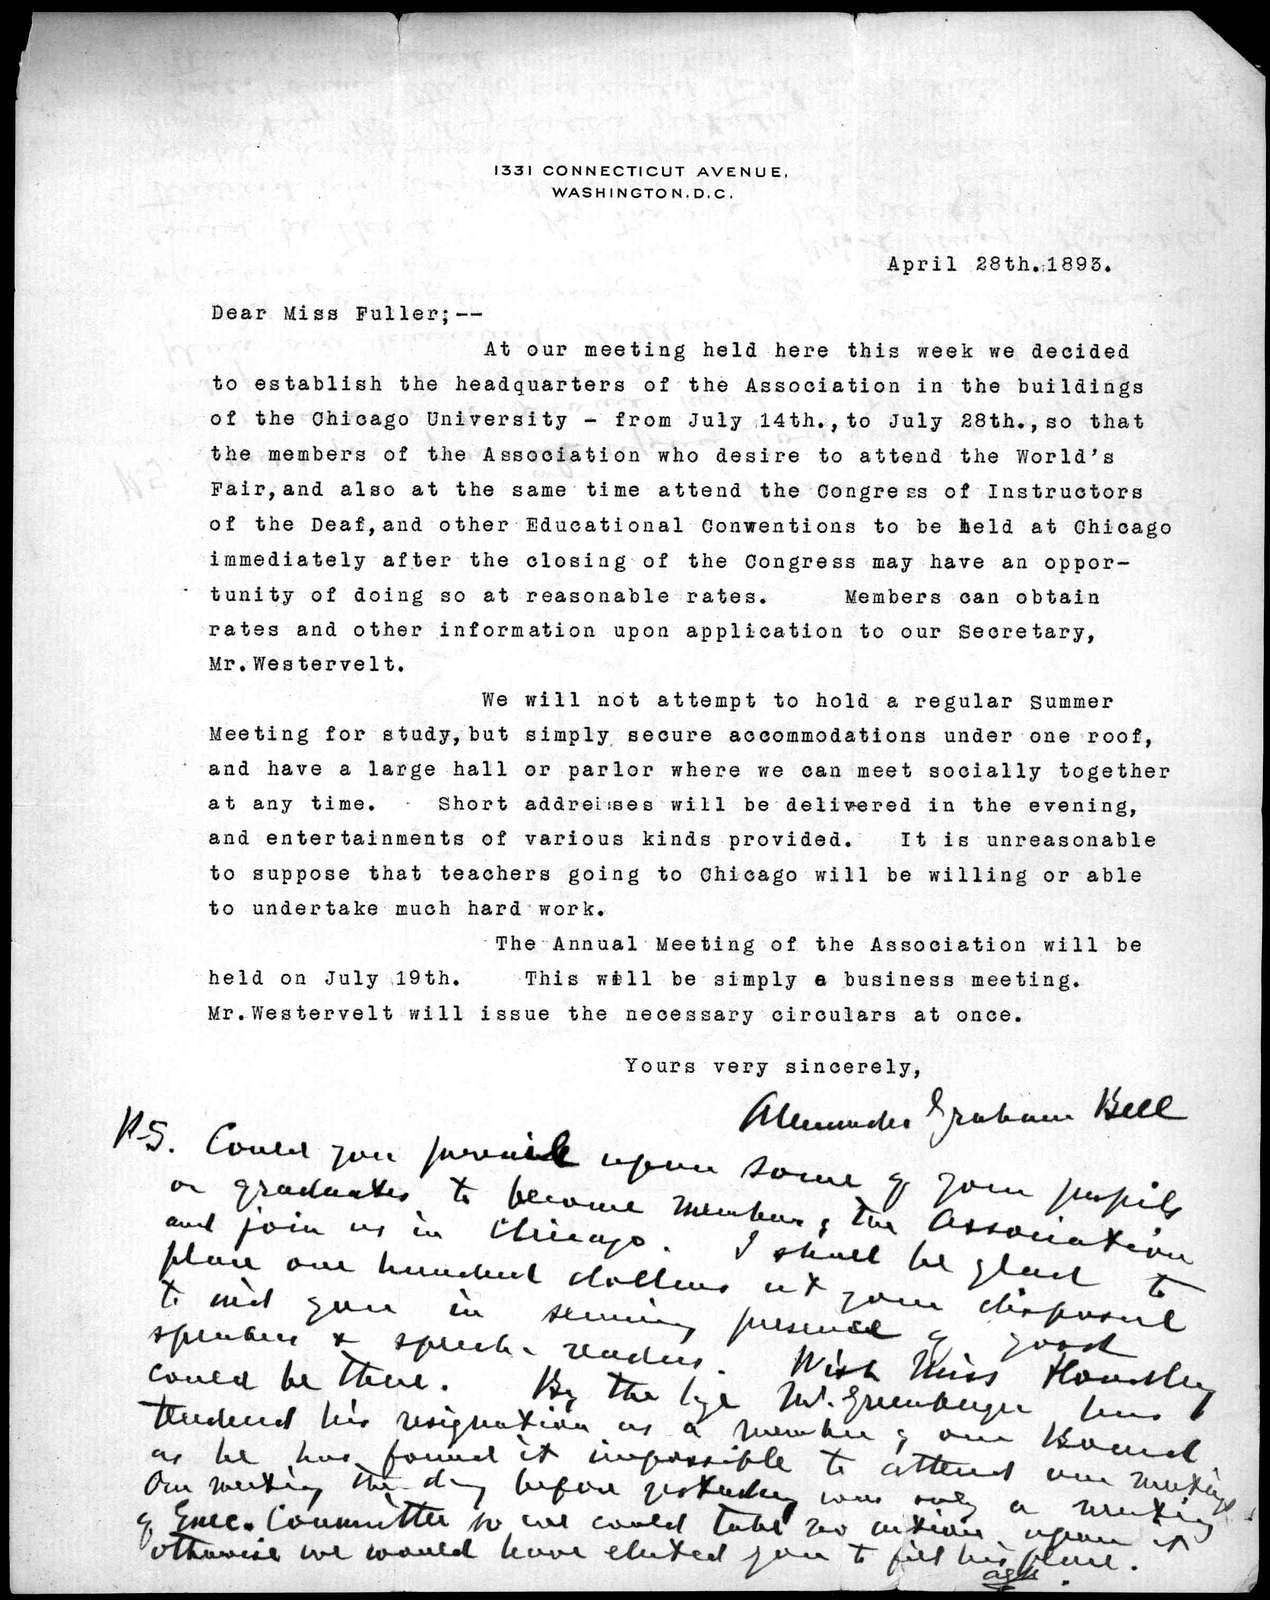 Letter from Alexander Graham Bell to Sarah Fuller, April 28, 1893